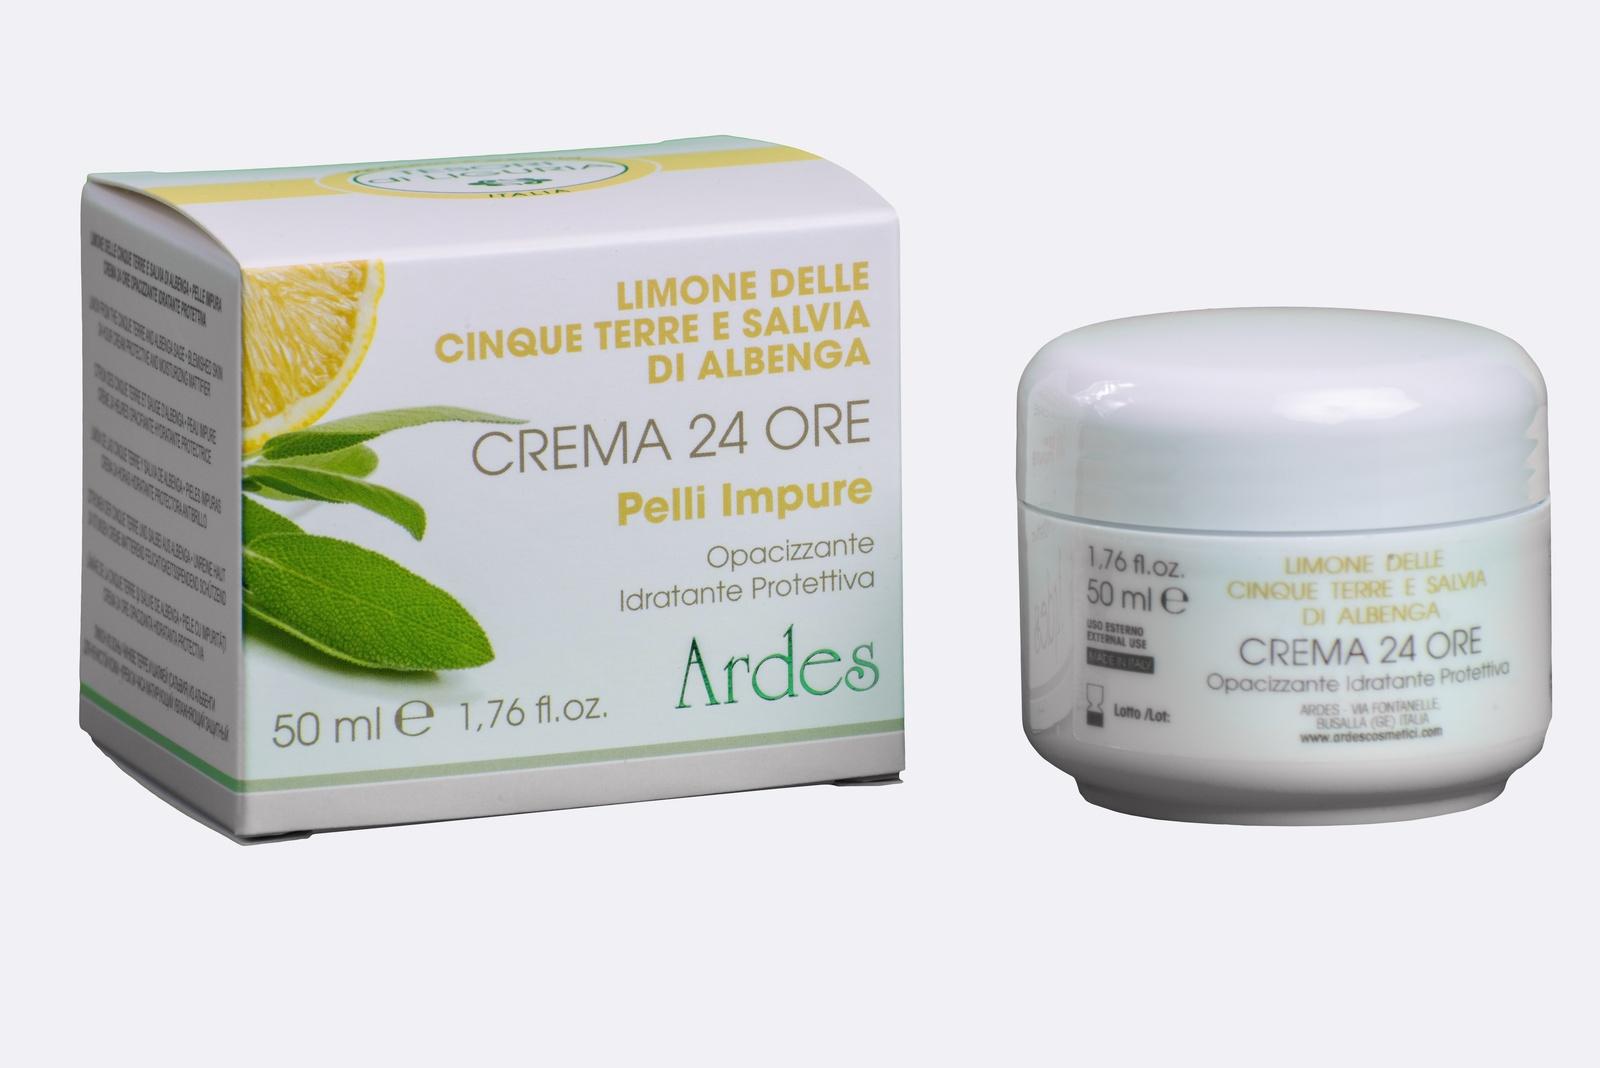 Крем матирующий увлажняющий защитный 24 часа для проблемной кожи с Лимоном и Шалфеем.  Crema 24 ore pelli Impure 50 мл.  Ardes